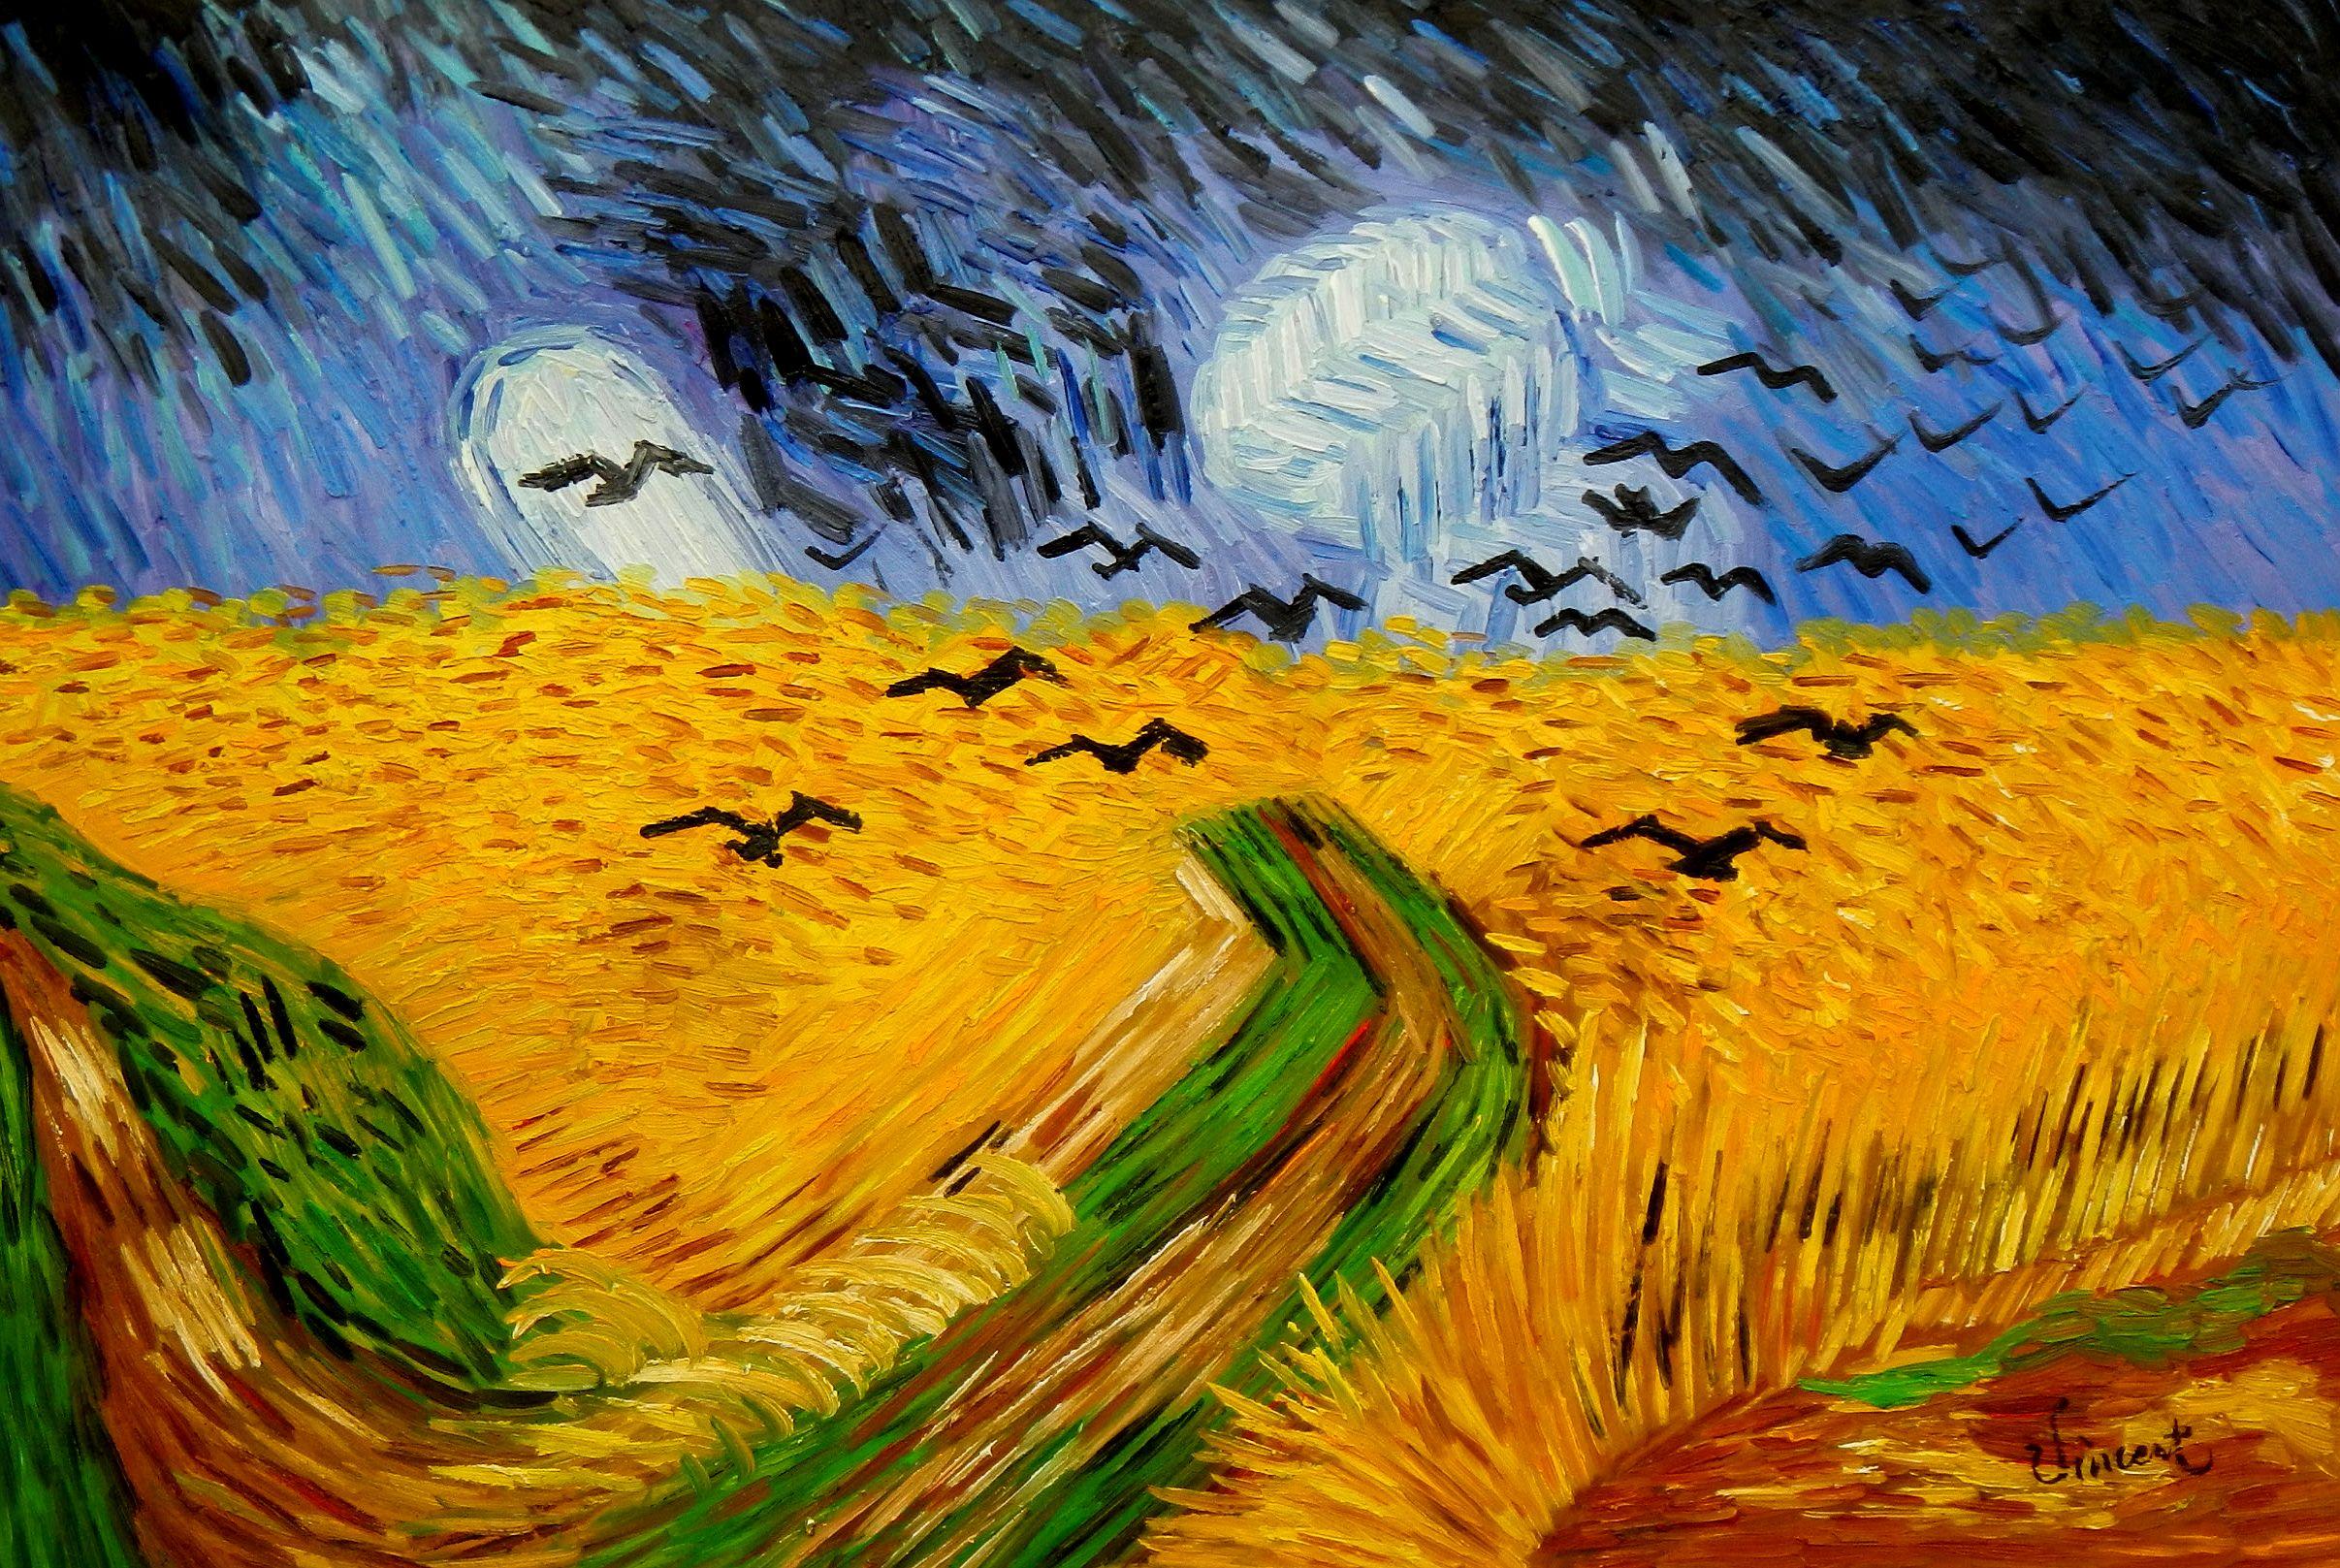 Vincent van Gogh - Kornfeld mit Krähen d94596 60x90cm Ölgemälde handgemalt